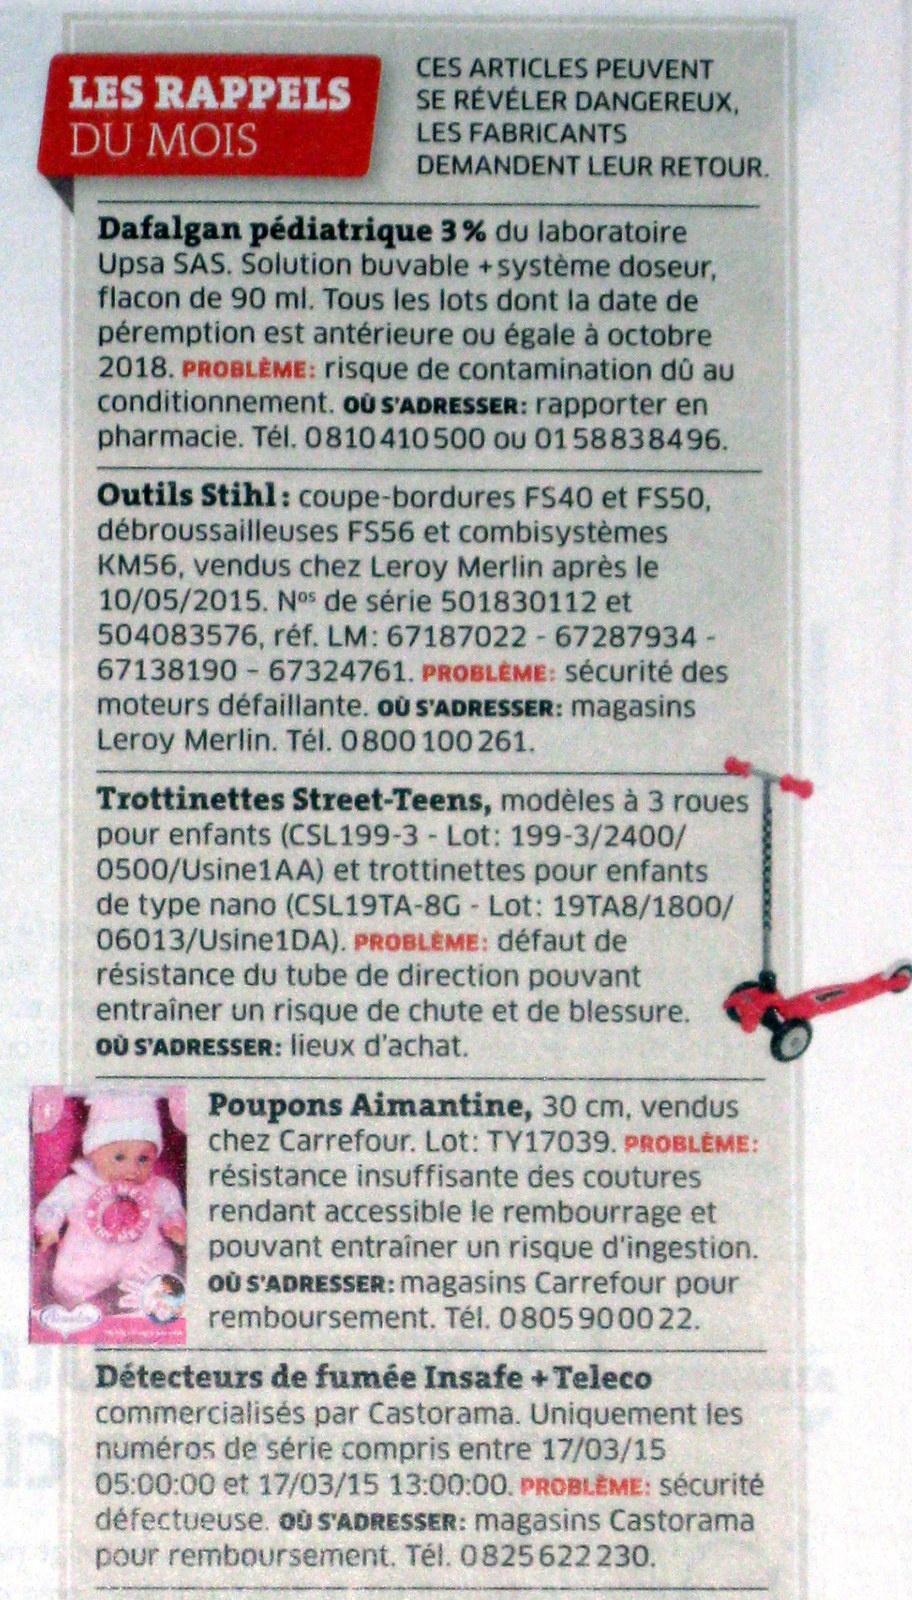 Rembourrage Coussin Castorama Luxe Stock Trteaux De Maon Leroy Merlin Perfect Bureau Spaceo Home Effet Chne